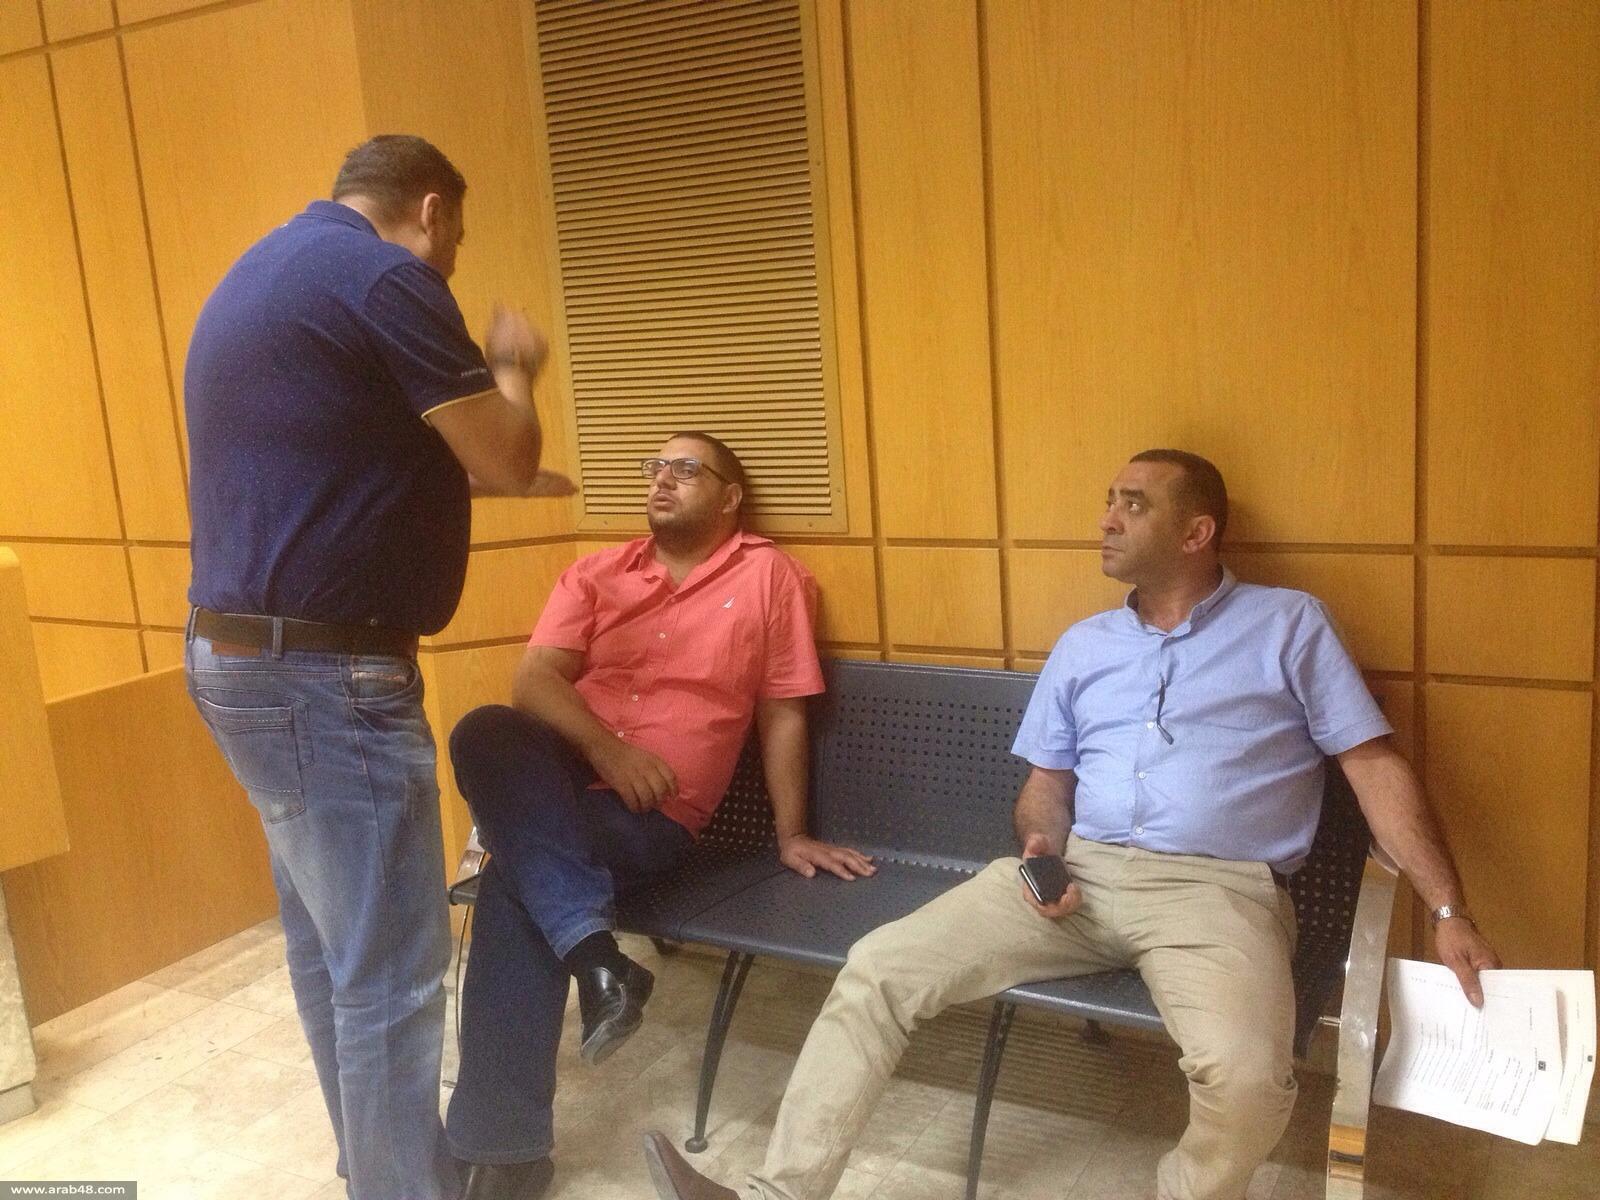 الناصرة: إطلاق سراح سكرتير التجمع بشروط مقيدة